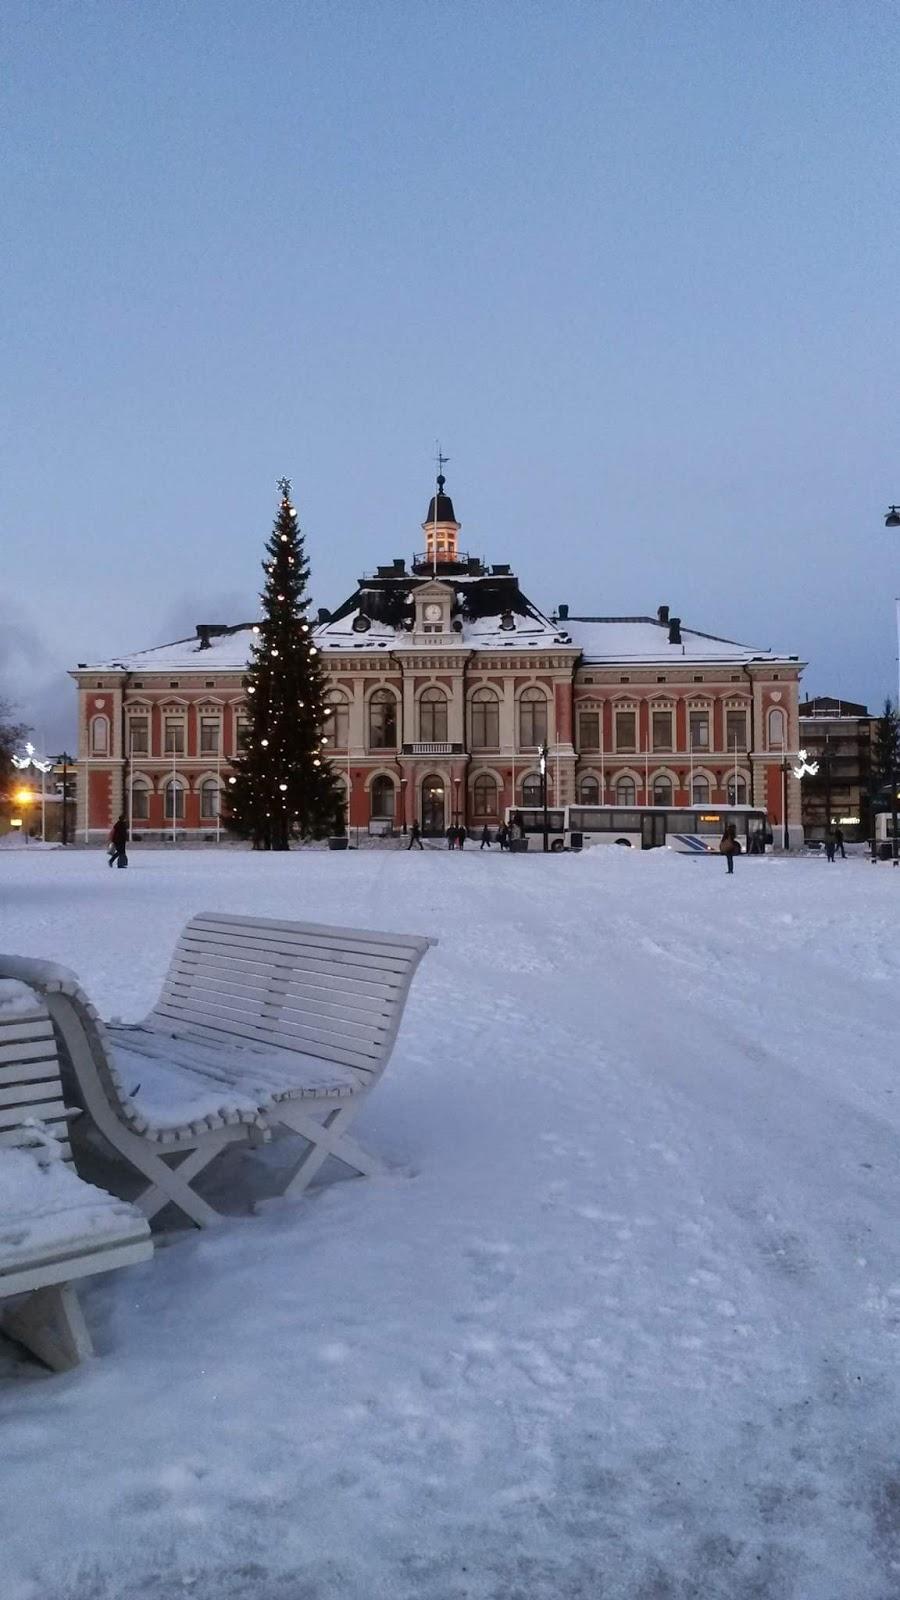 Kuopio Aapeli